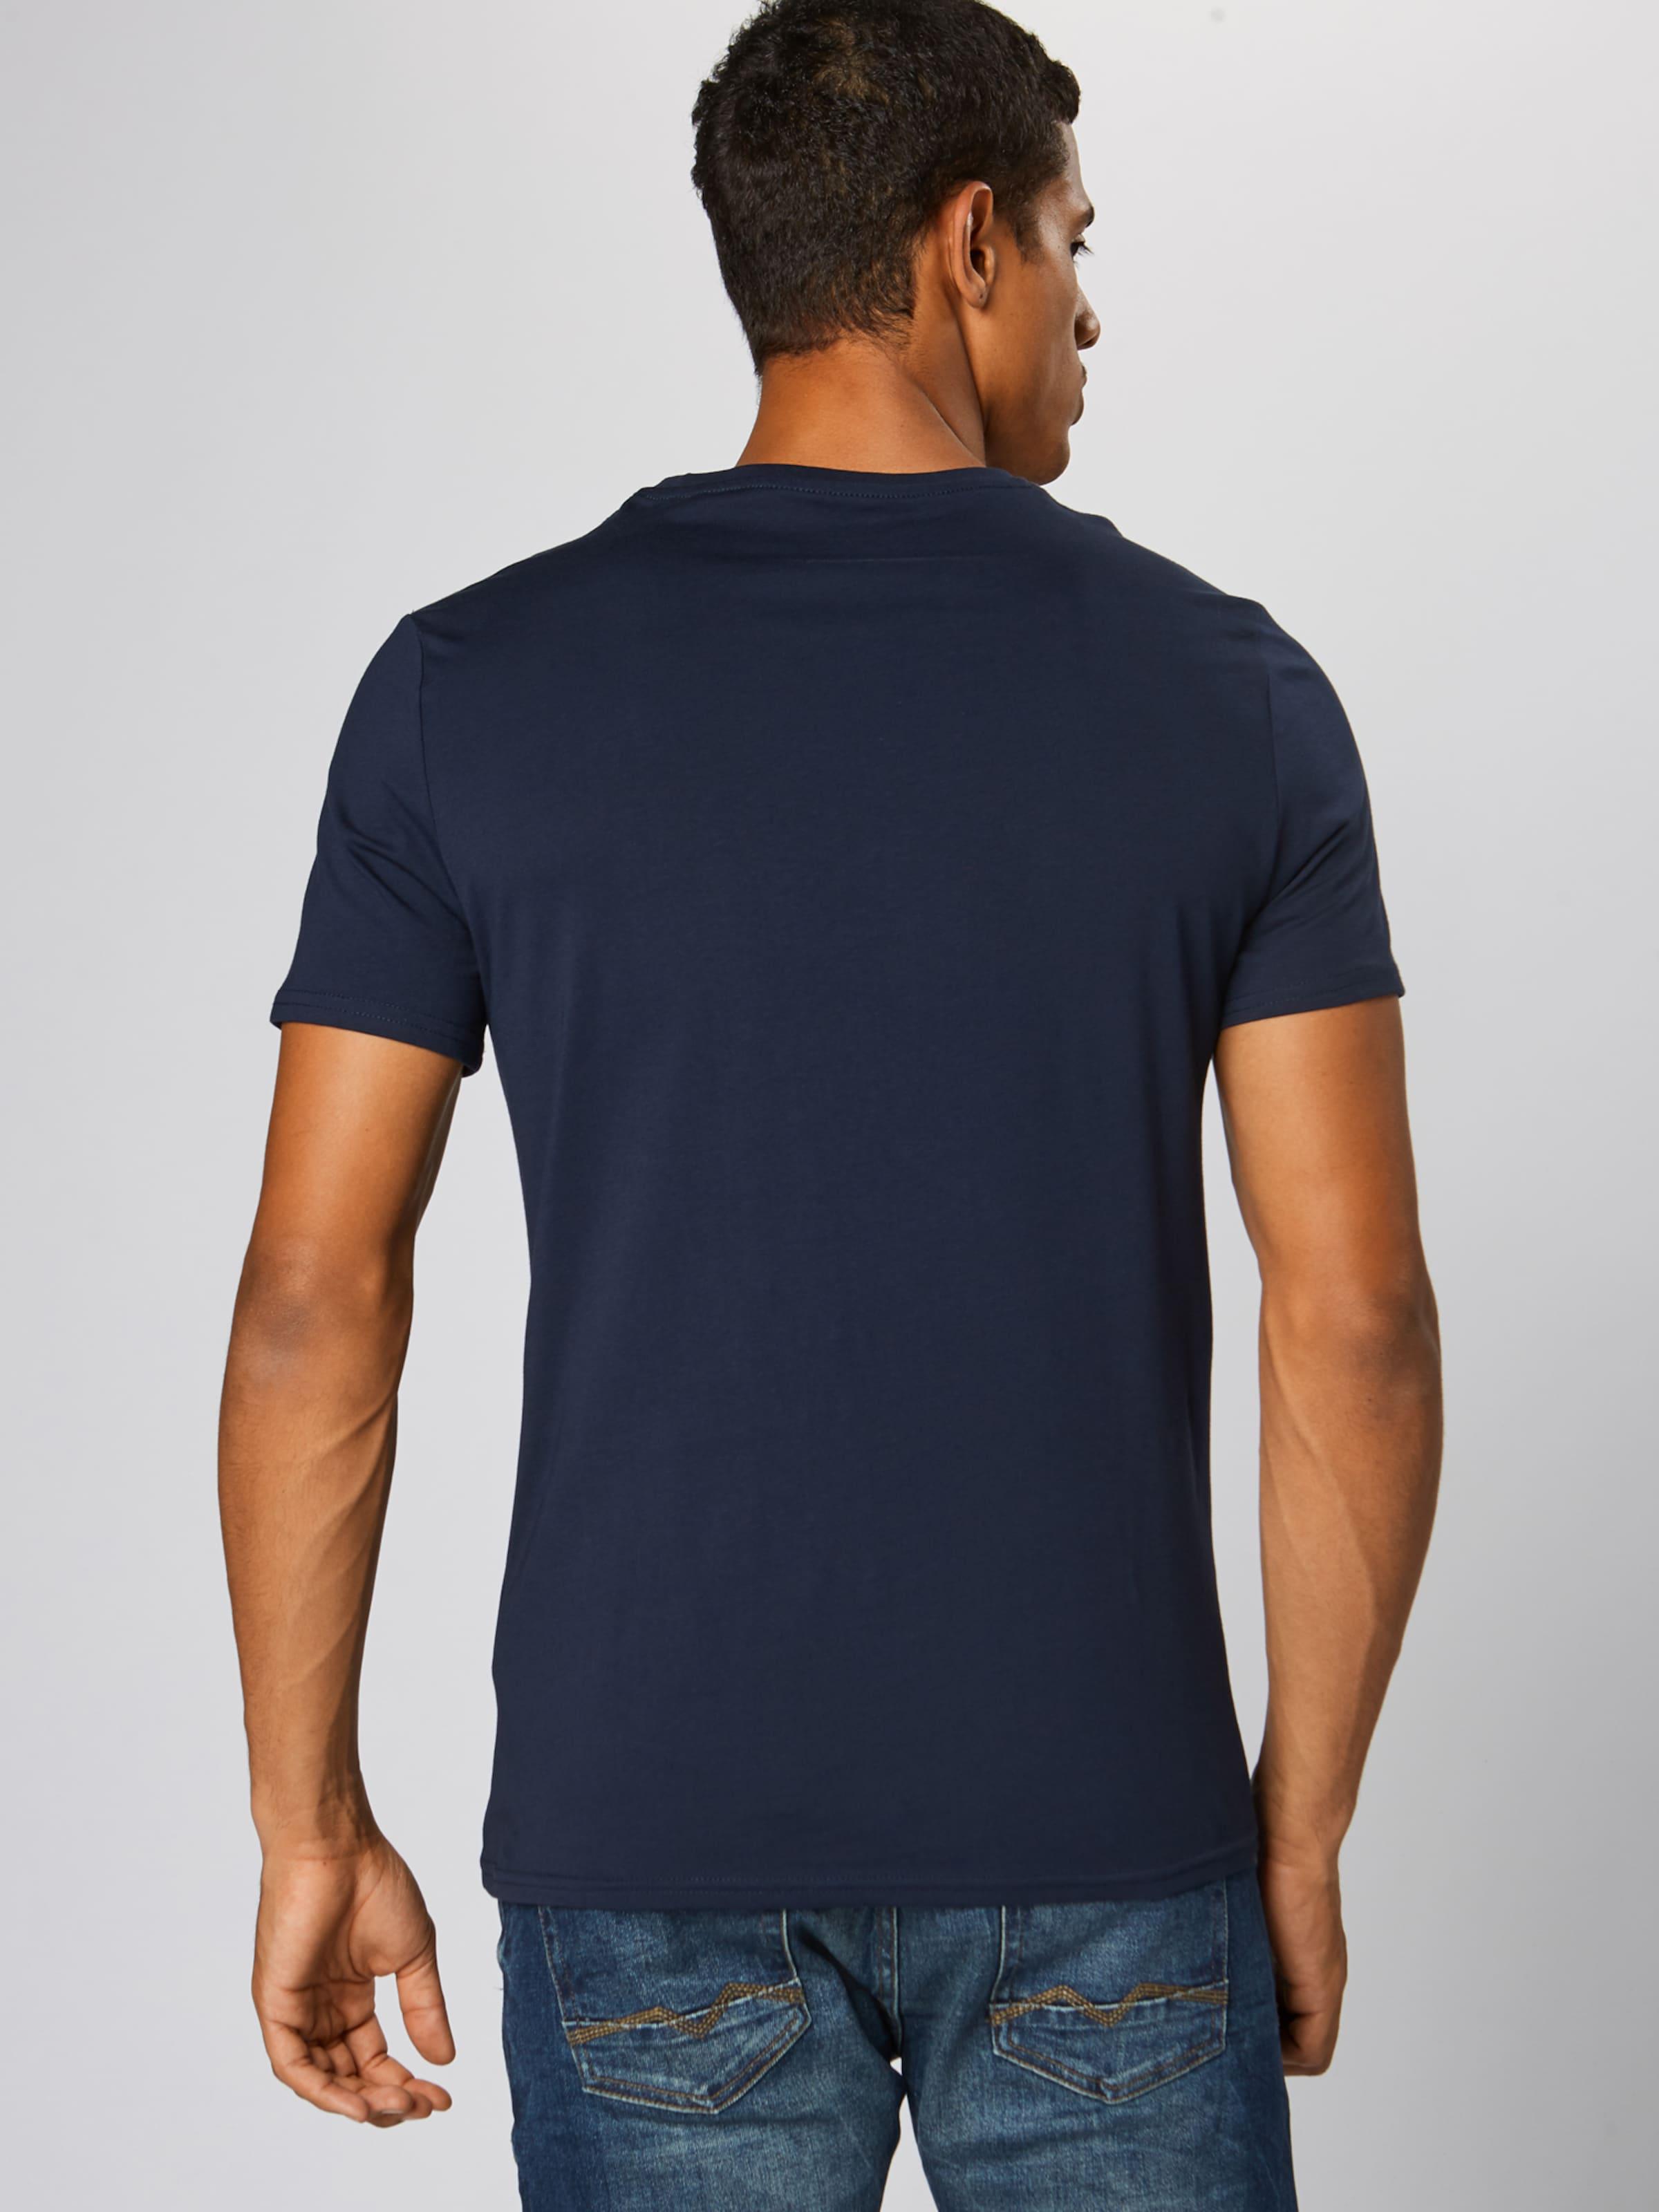 shirt En Bleu Guess Marine T 34AL5Rj